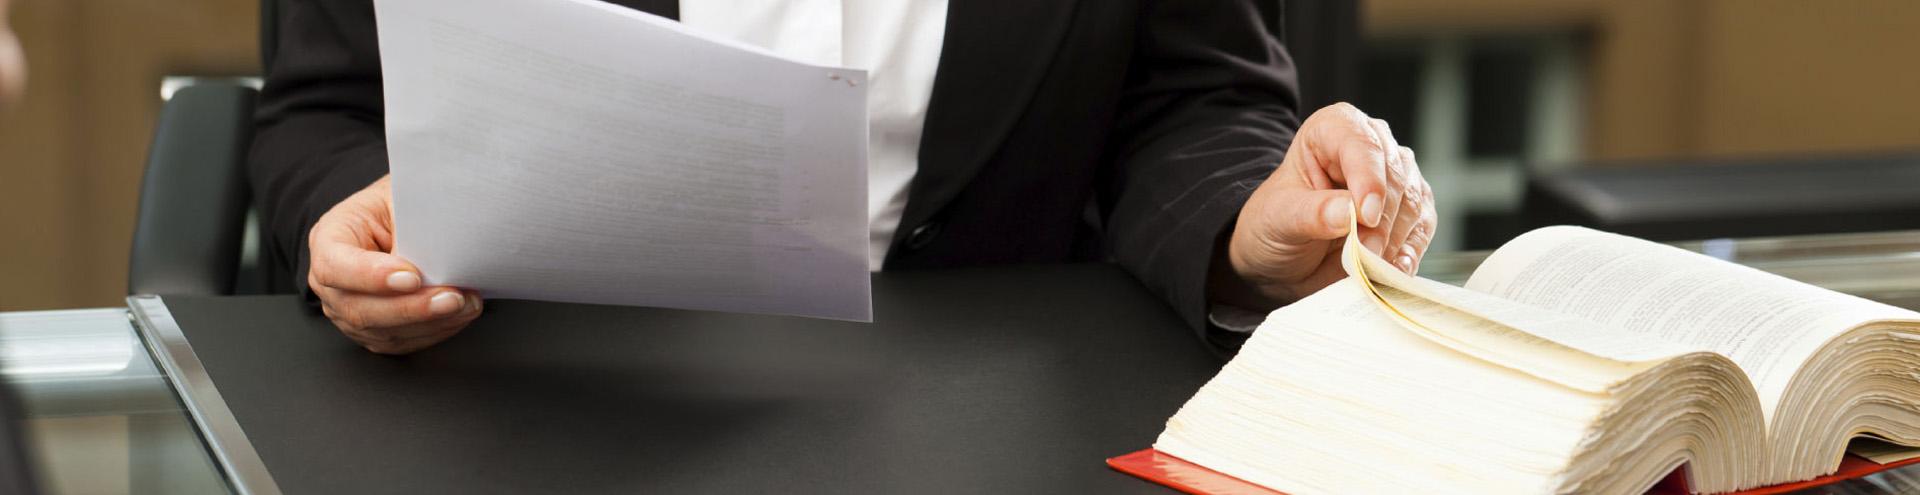 Касационное обжалование решения арбитражного суда в Самаре